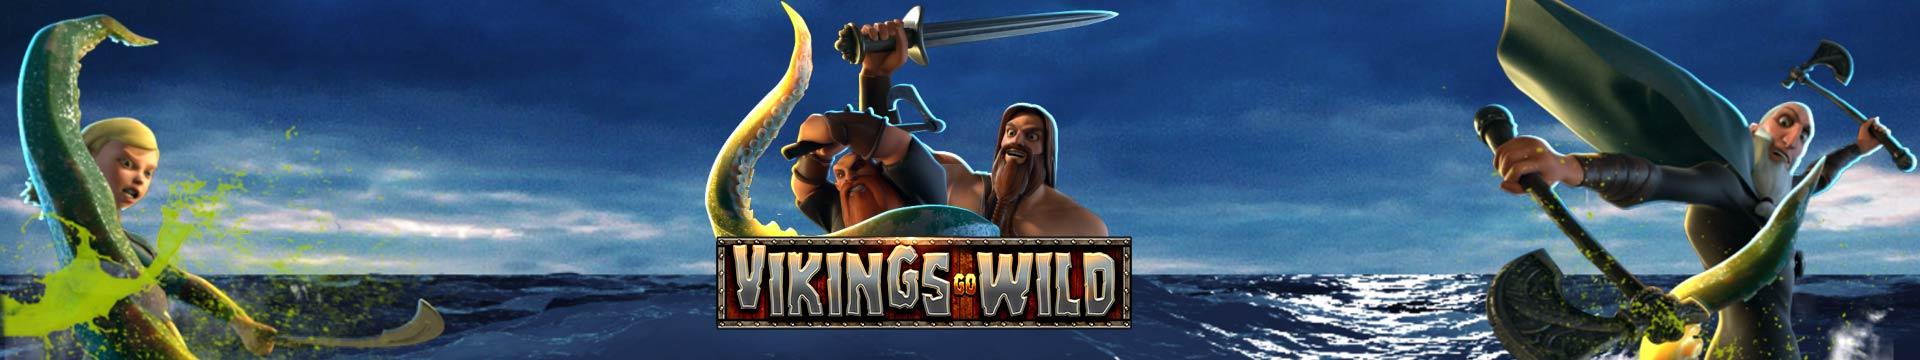 Slider Banner - Vikings Go Wild